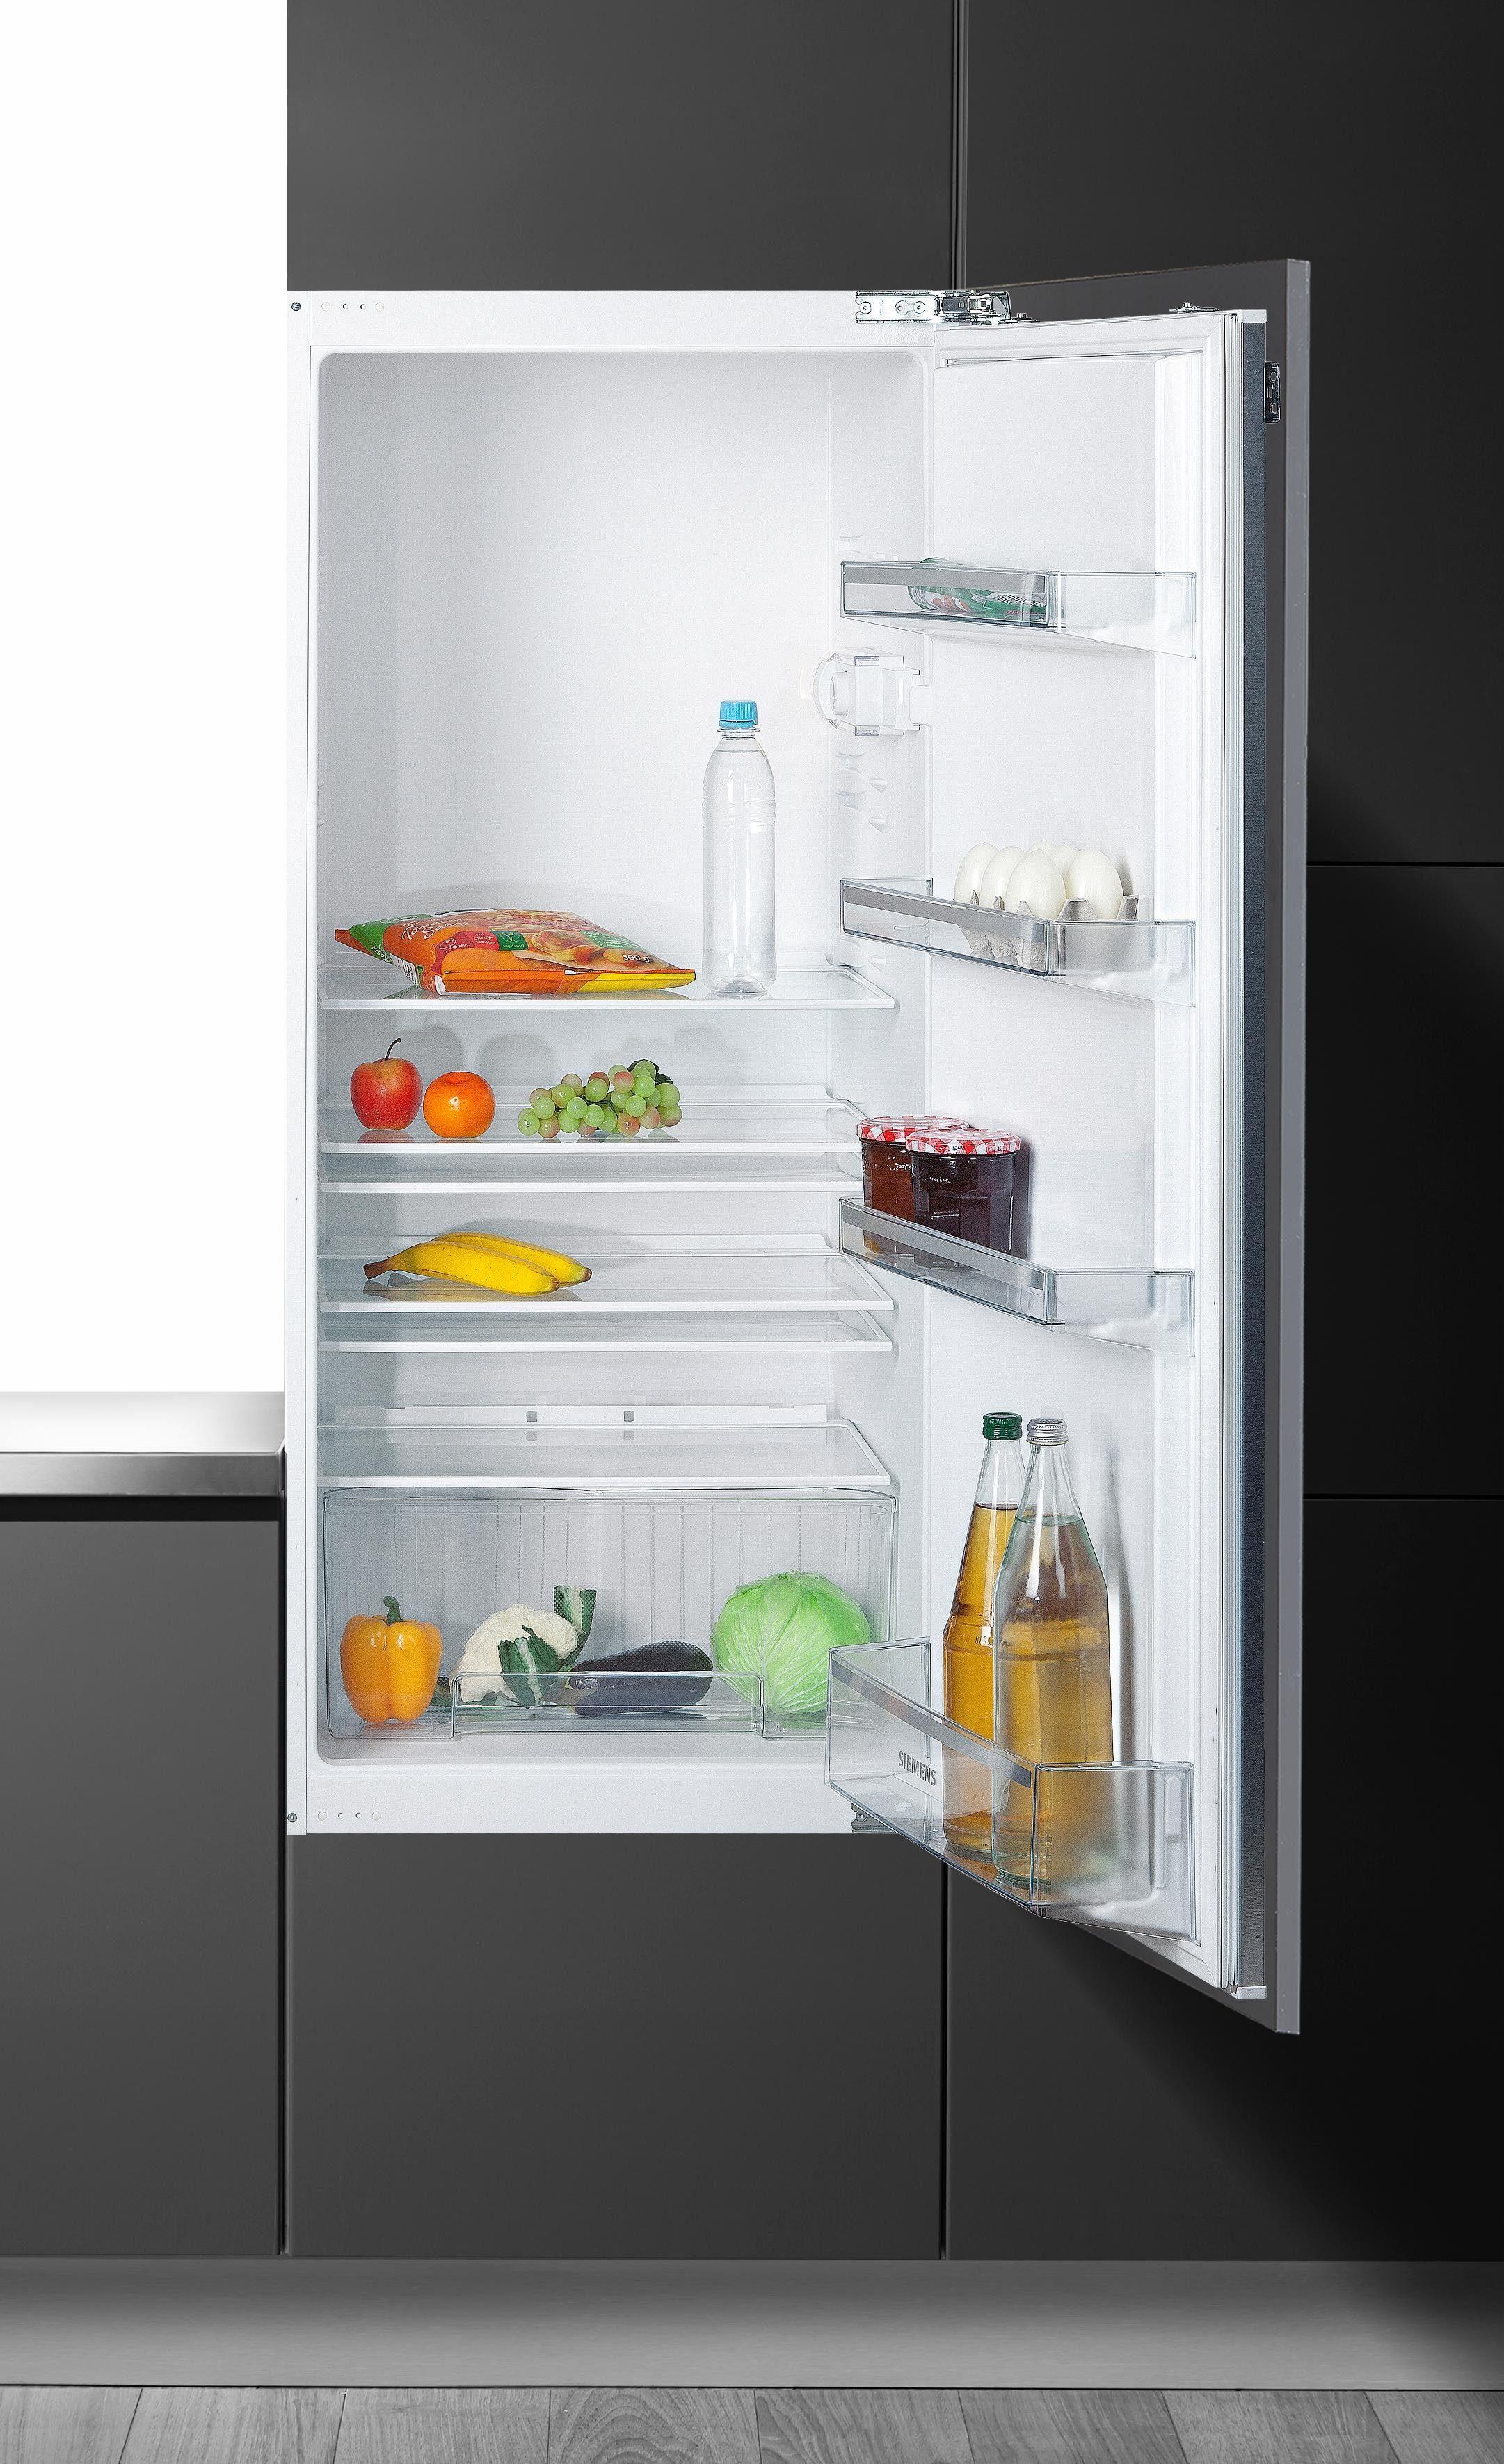 SIEMENS Einbaukühlschrank KI24RV60, 122,1 cm hoch, 56 cm breit, A++, 122,5 cm, mit Abtauautomatik, integrierbar